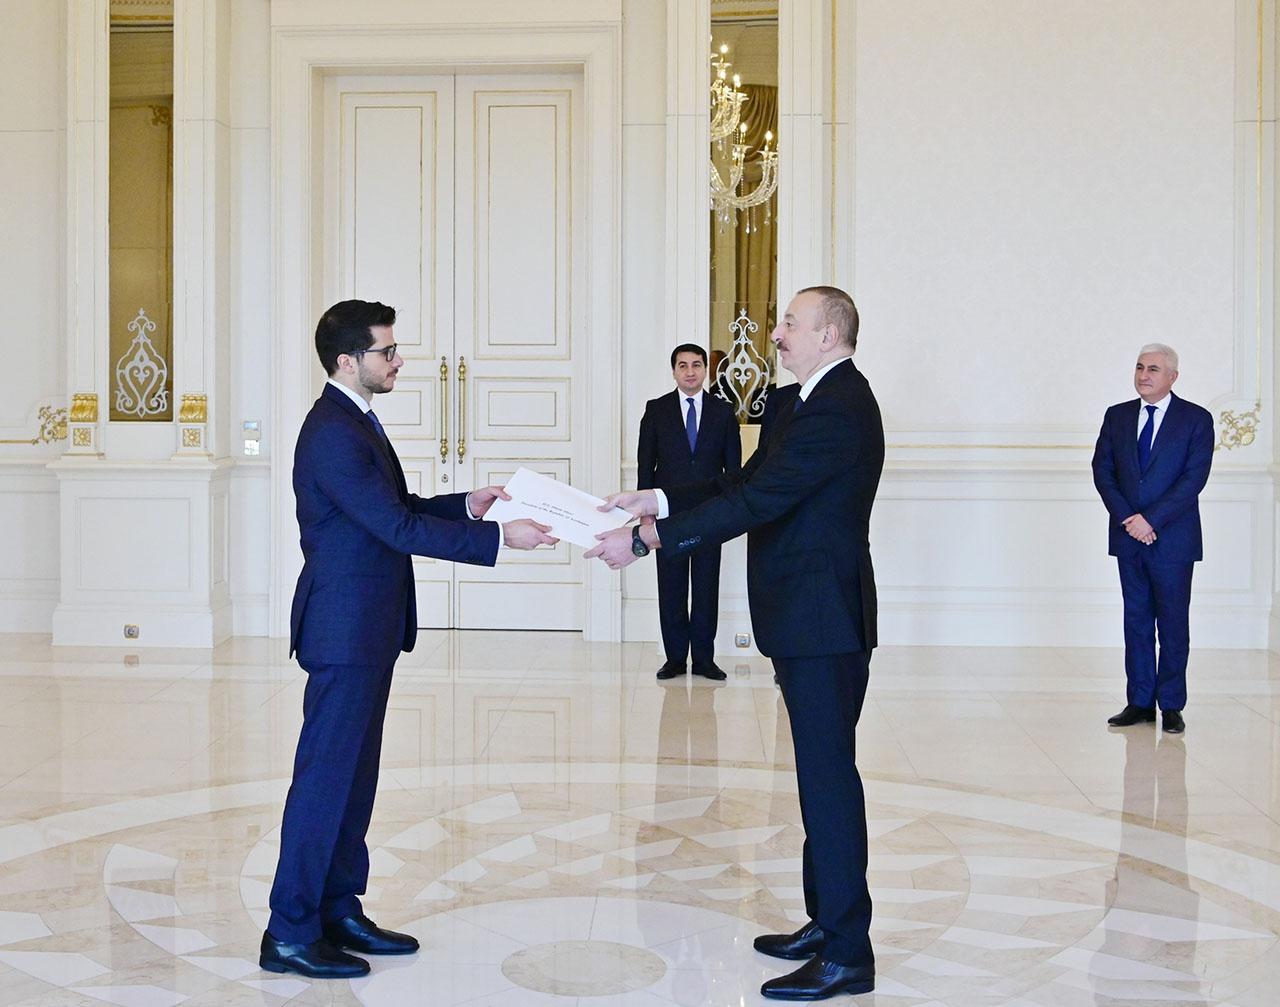 Дипломатические отношения между Израилем и Азербайджаном установлены в 1992 году.